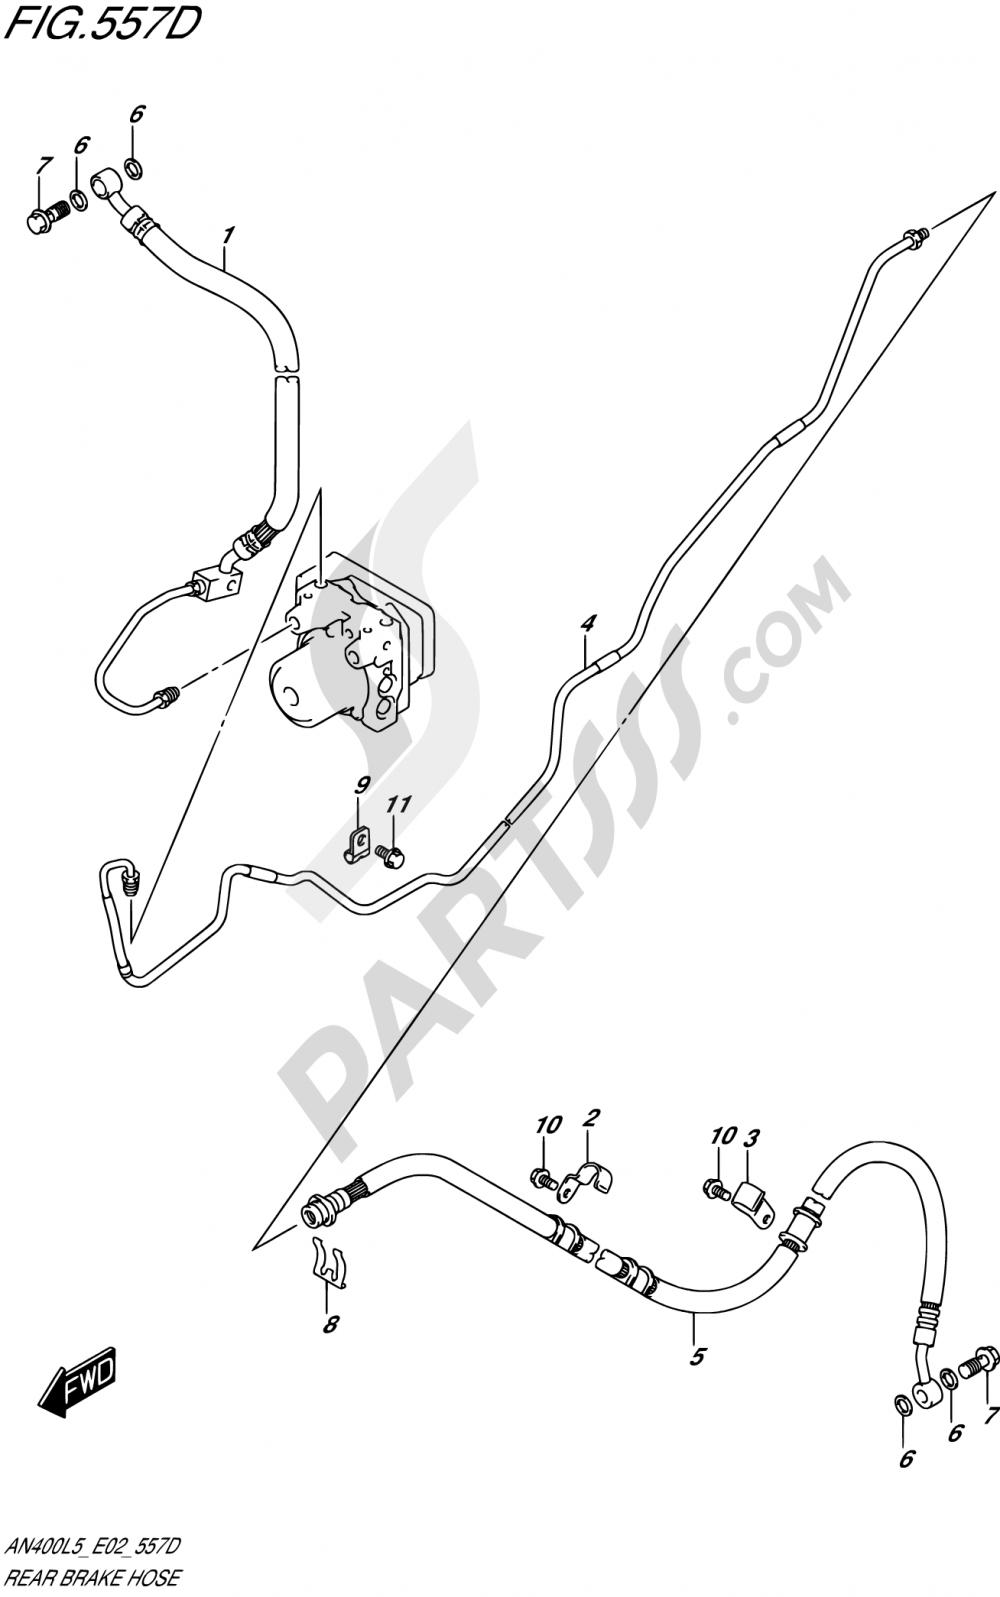 557D - REAR BRAKE HOSE (AN400ZAL5 E02) Suzuki BURGMAN AN400 2015